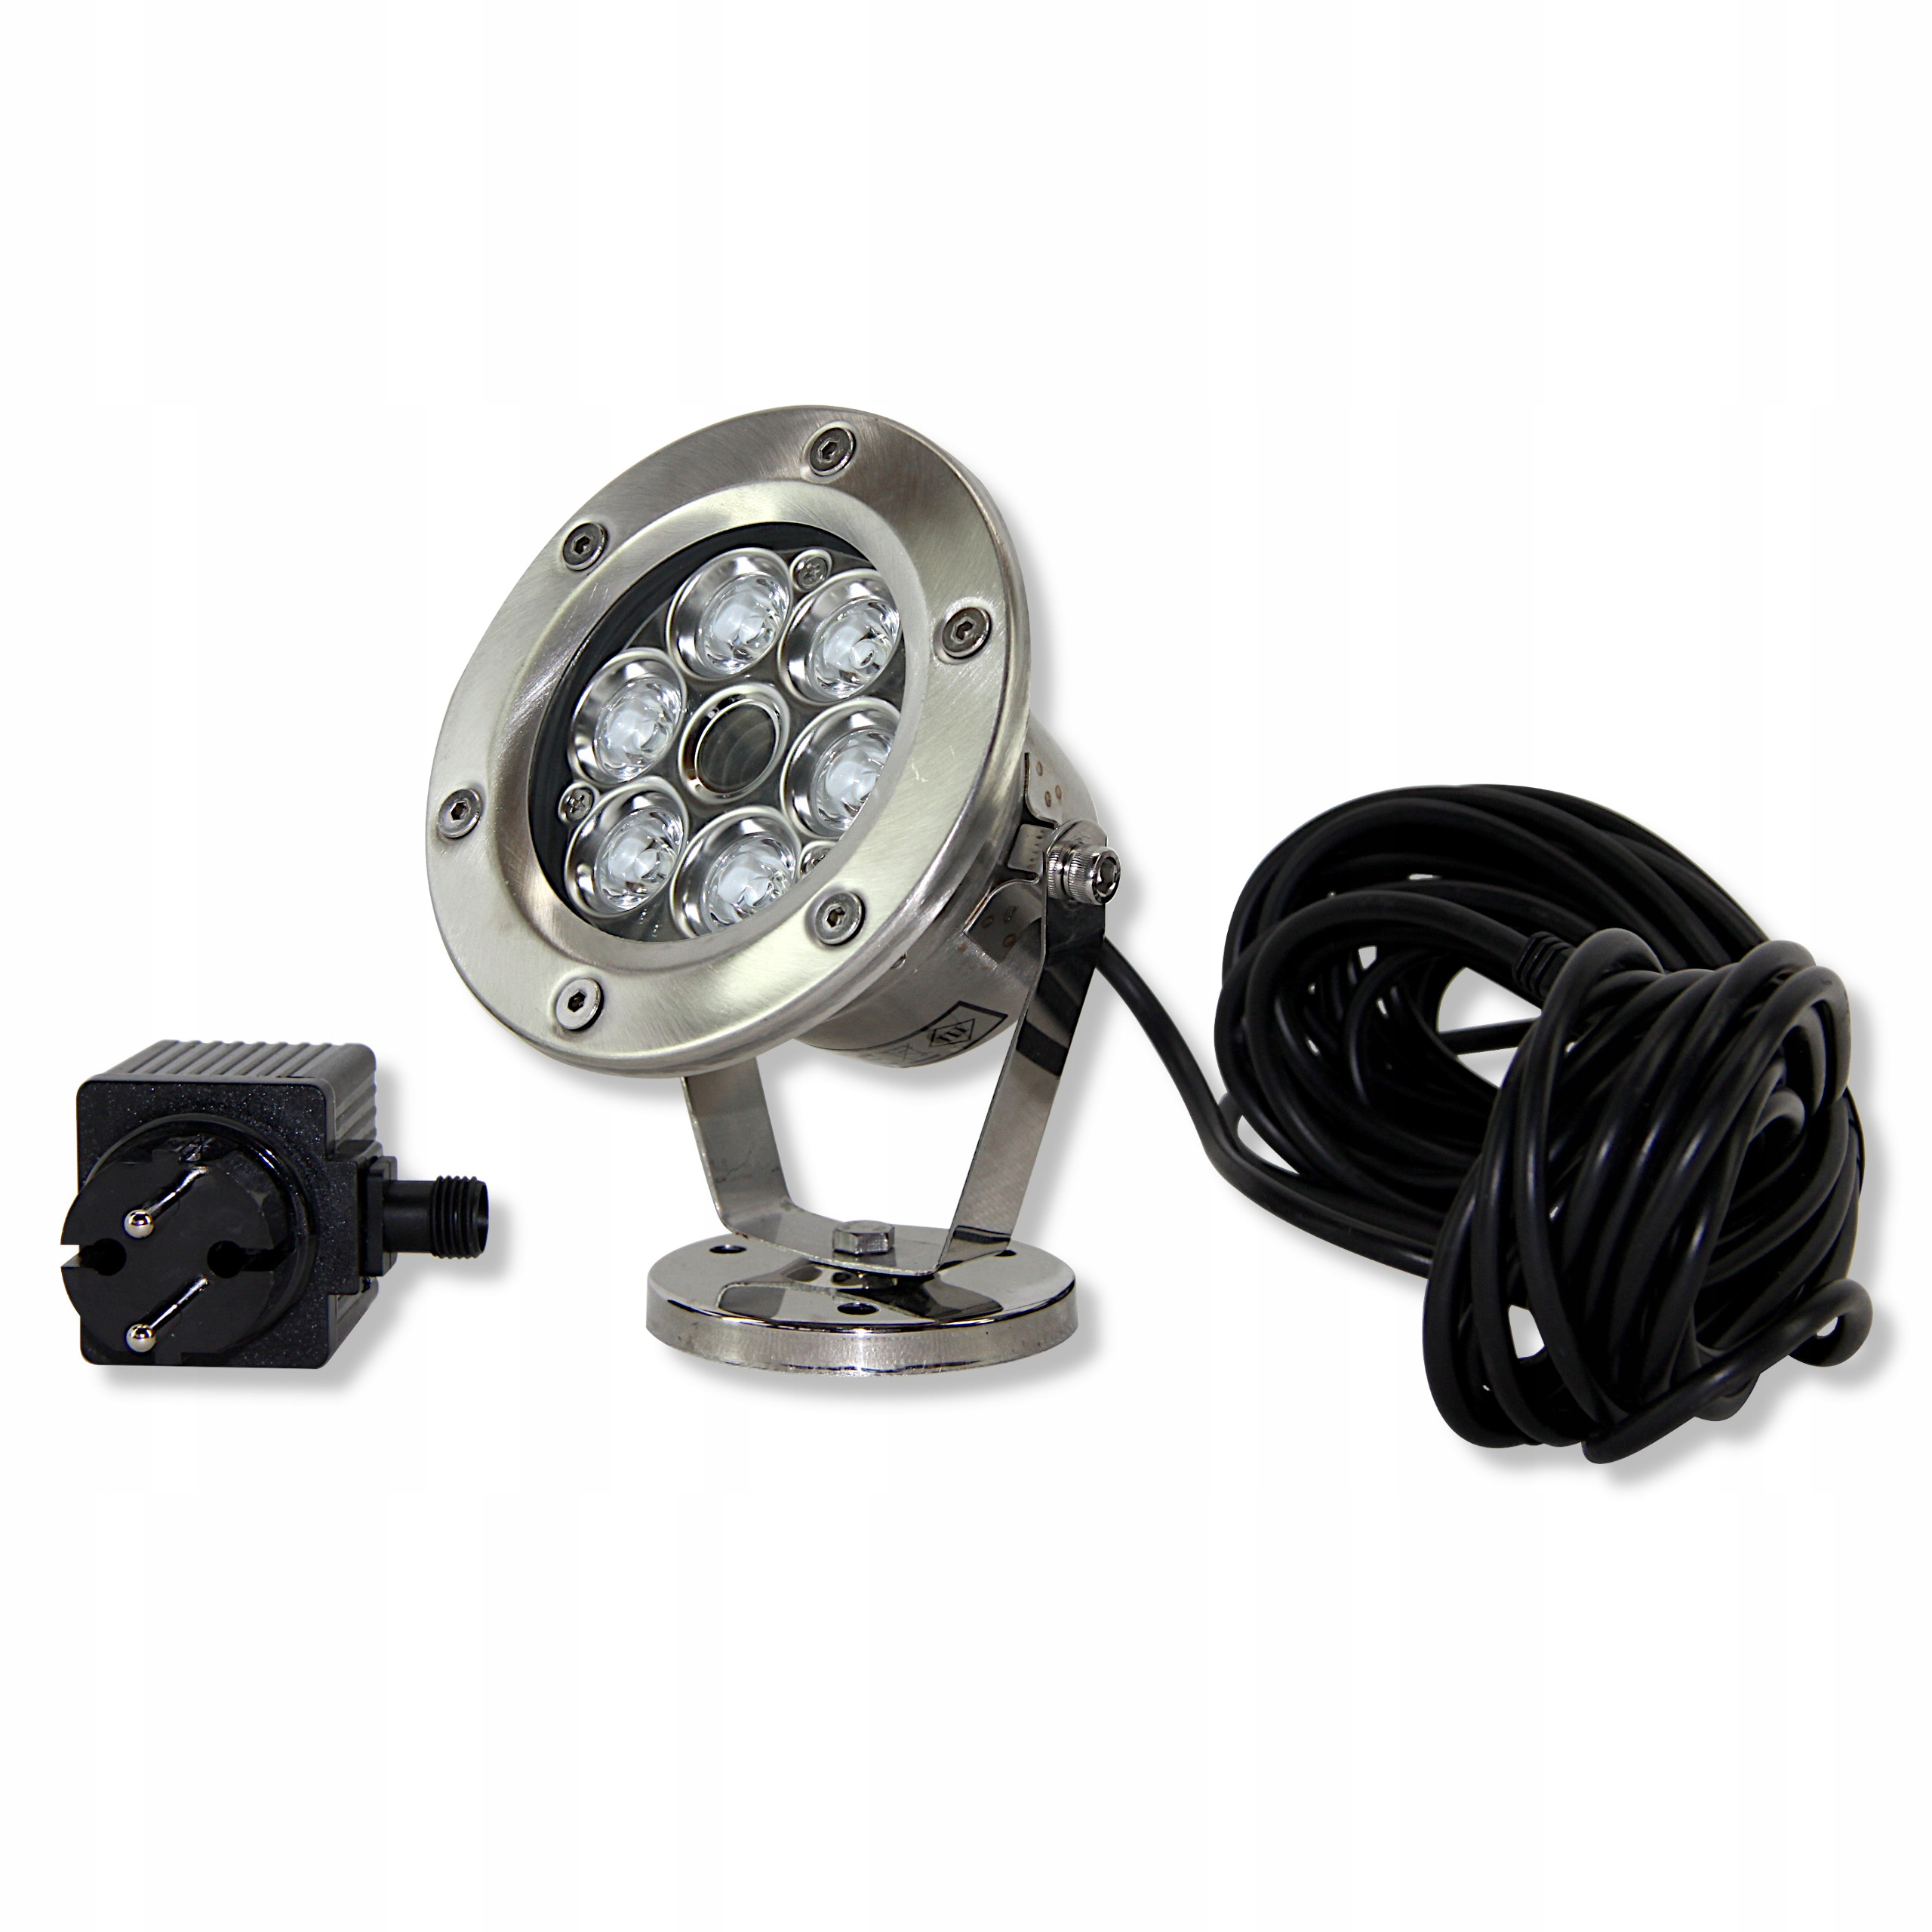 ЛАМПА LED - Фары из нержавеющей QL 21 6W Белый